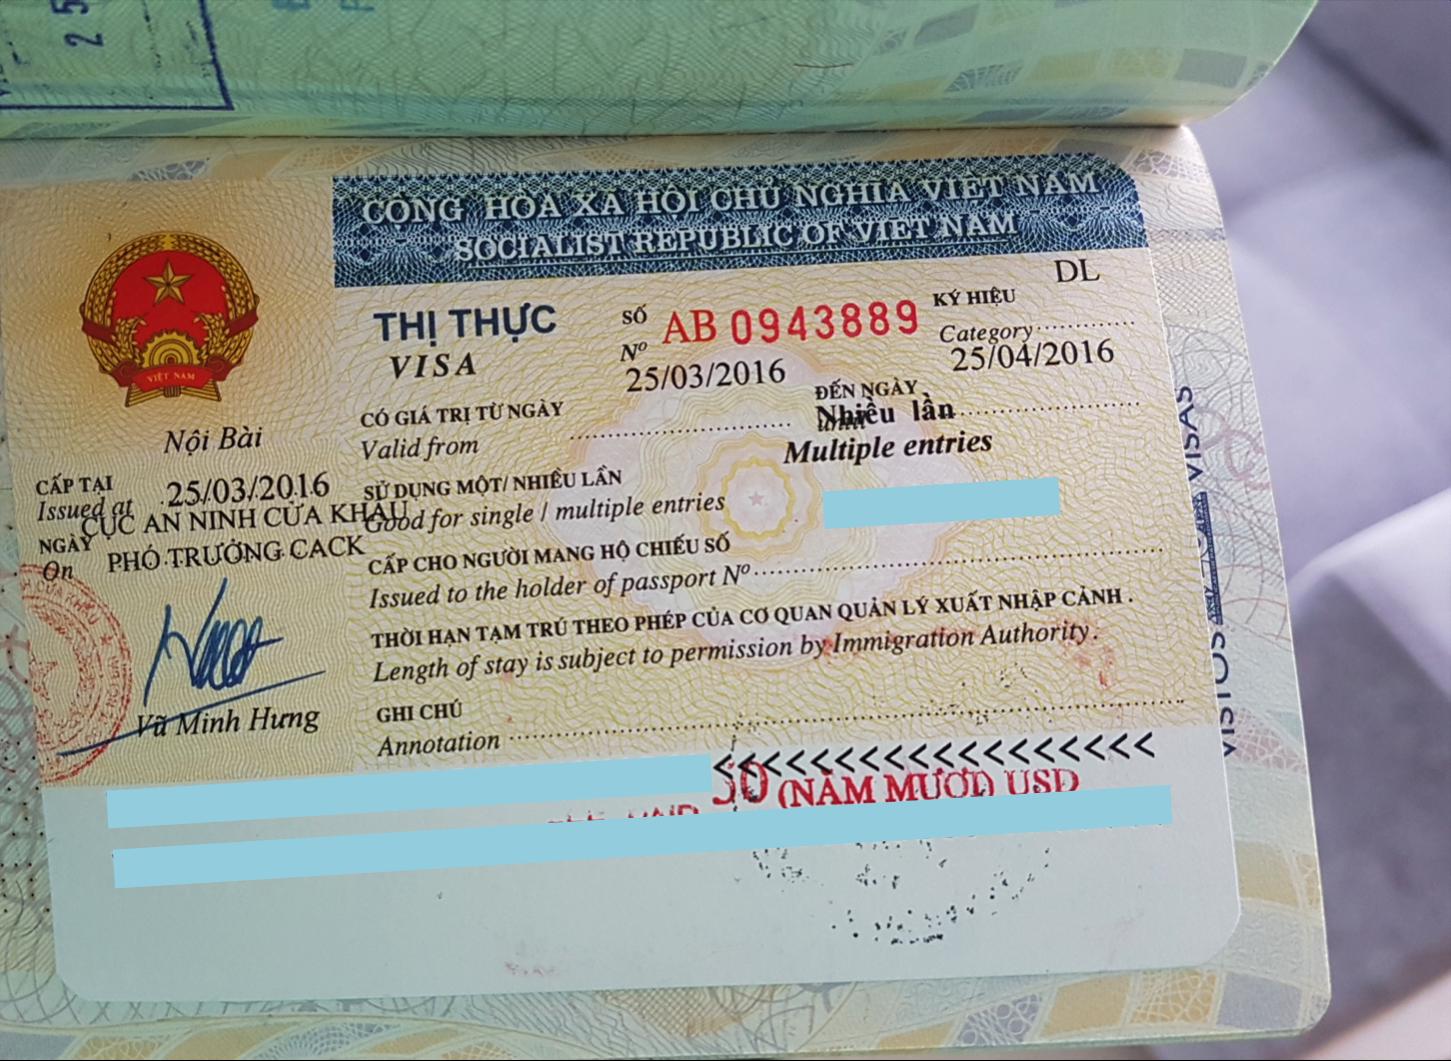 Visto do Vietnã emitido no aeroporto e colado no passaporte do meu marido (Vietnam Visa On Arrival)